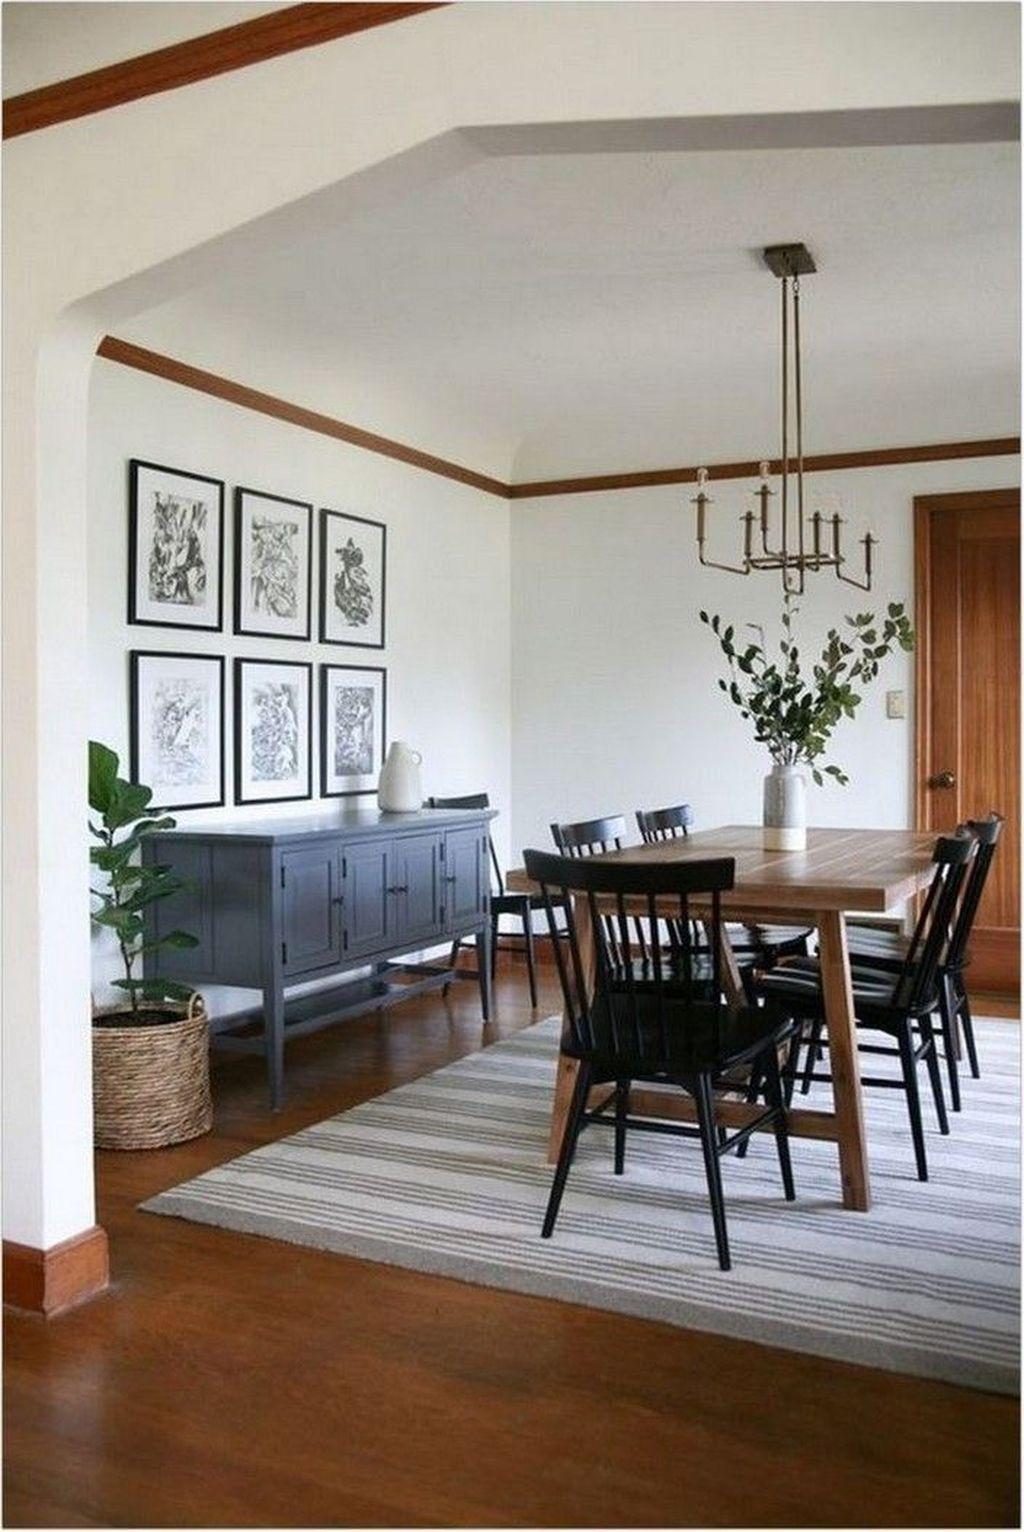 Inspiring Dining Room Buffet Decor Ideas 04